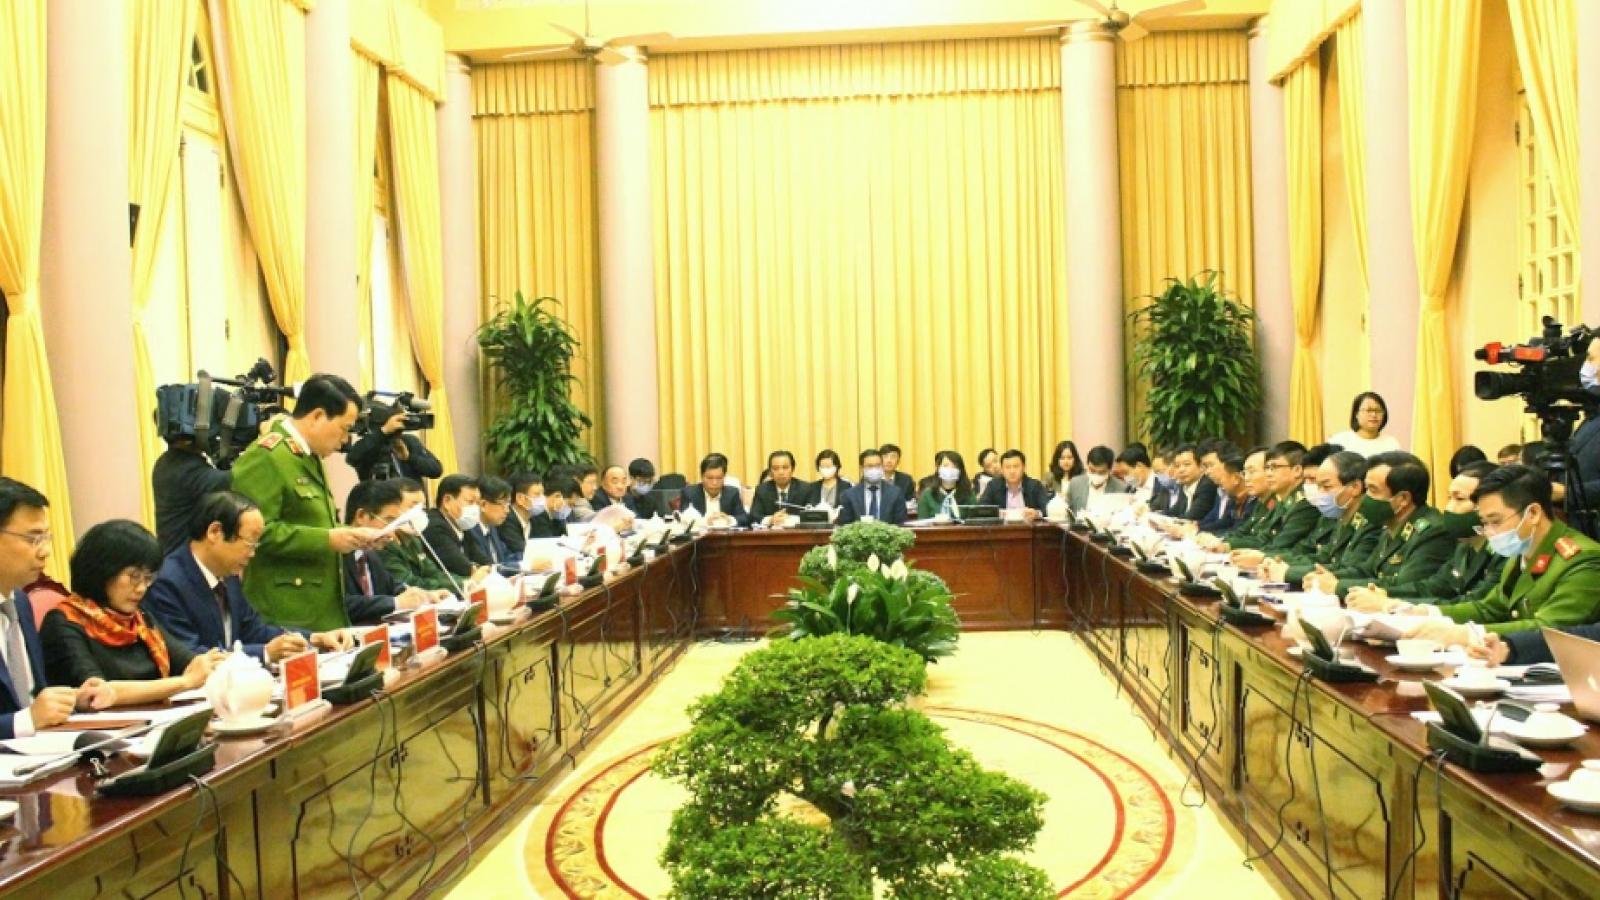 Họp báo công bố Lệnh của Chủ tịch nước ban hành 7 luật